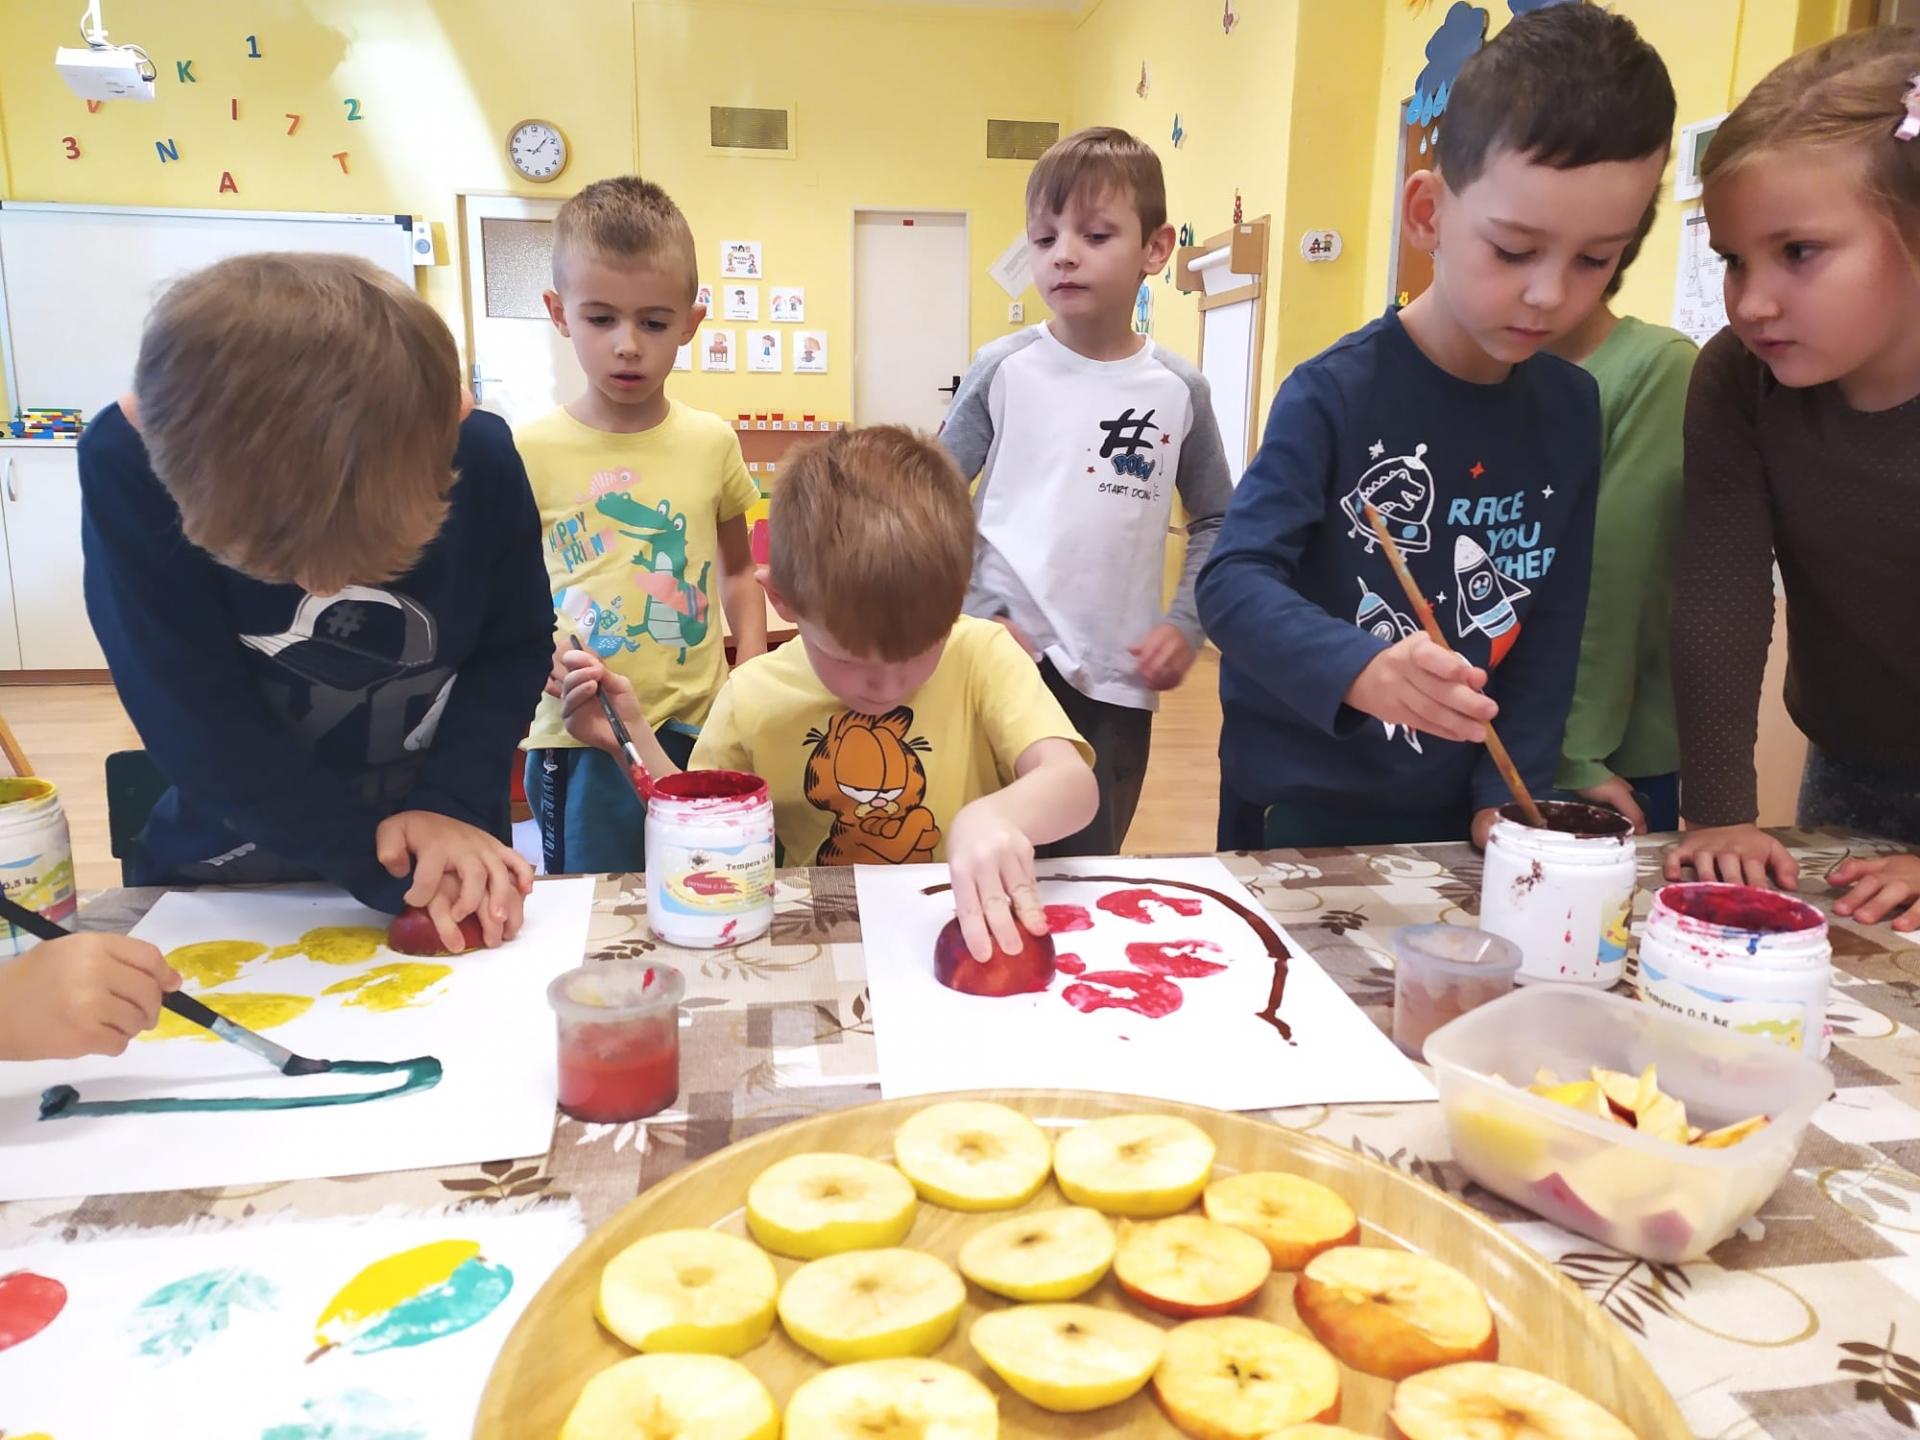 Děti tvoří z jablek.